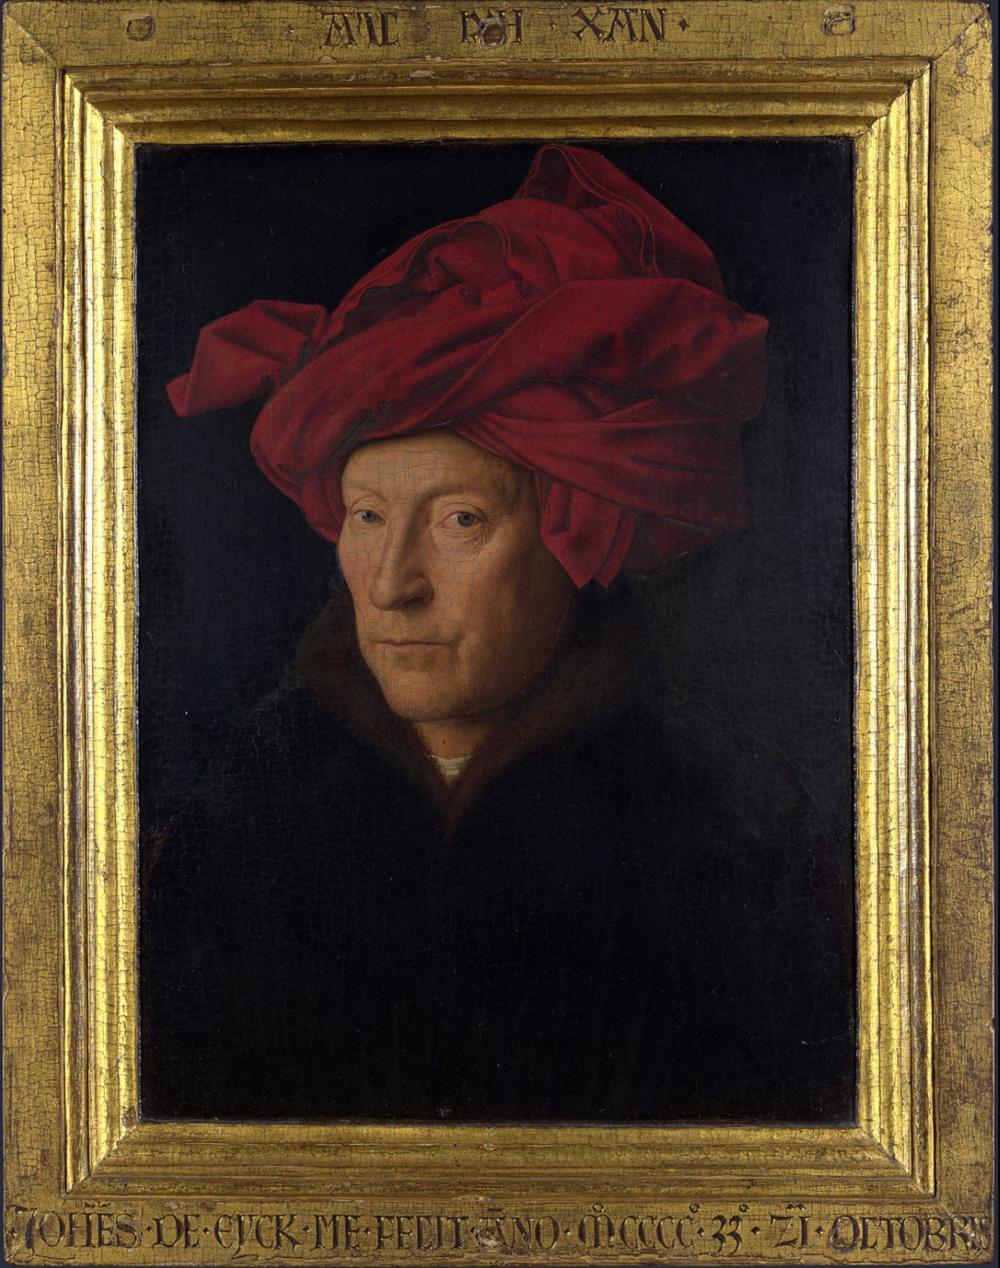 Jan Van Eyck's Portrait of a Man (possibly a self-portrait)